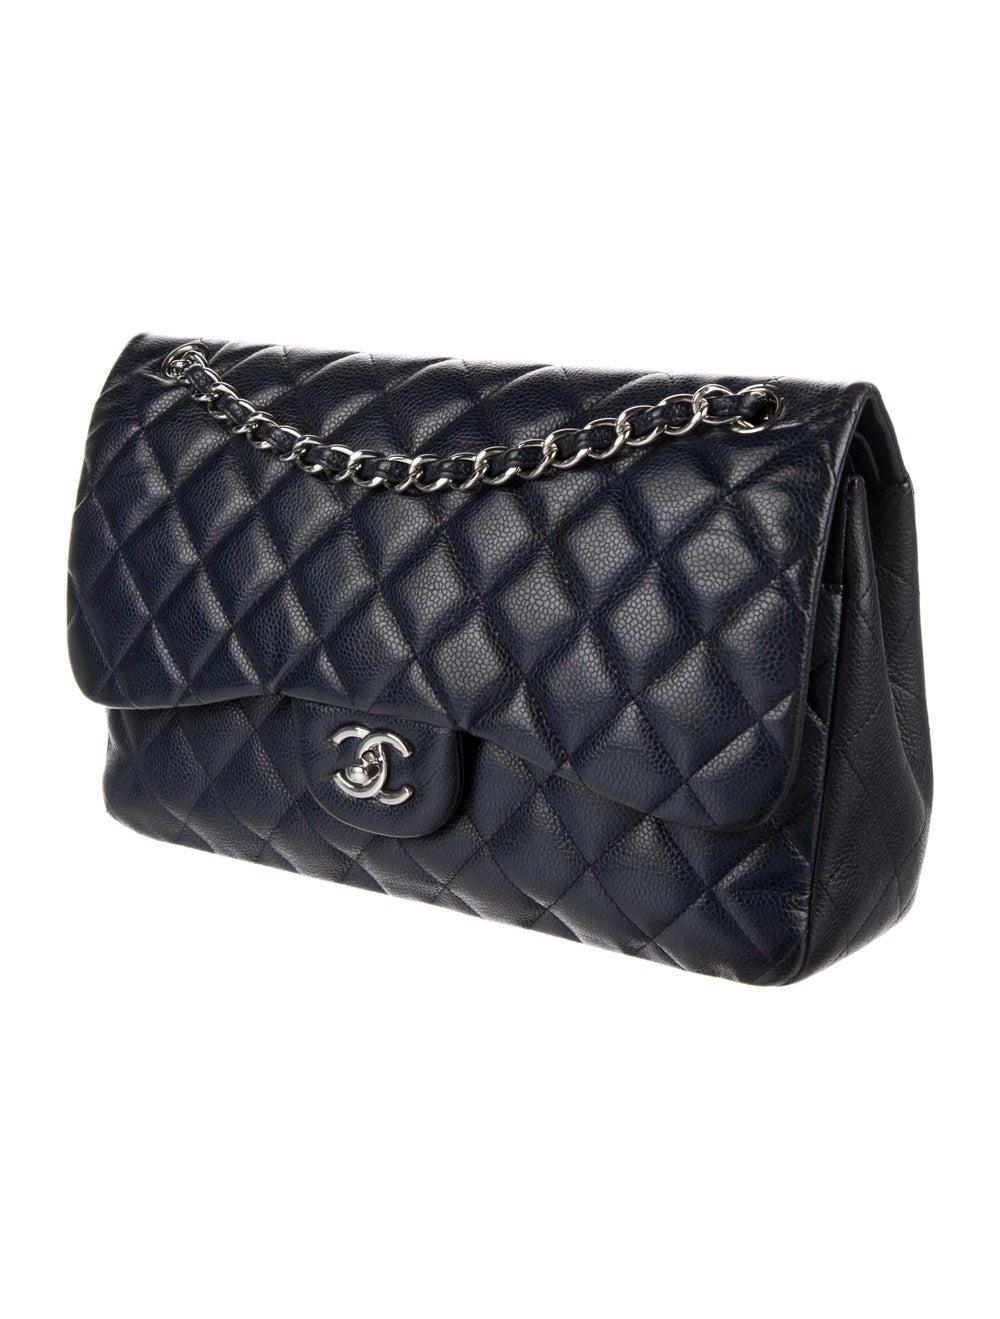 Chanel Classic Jumbo Double Flap Bag Blue - image 3